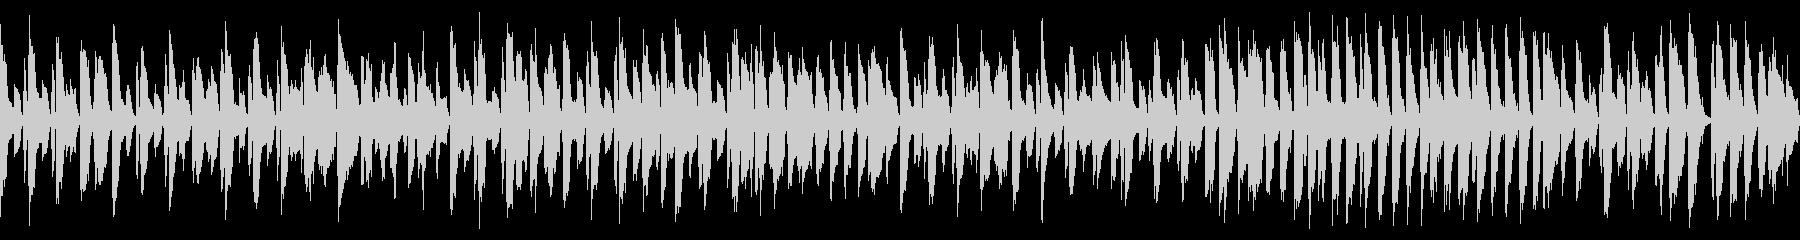 軽快で笑顔になるジャズピアノ名曲(ループの未再生の波形